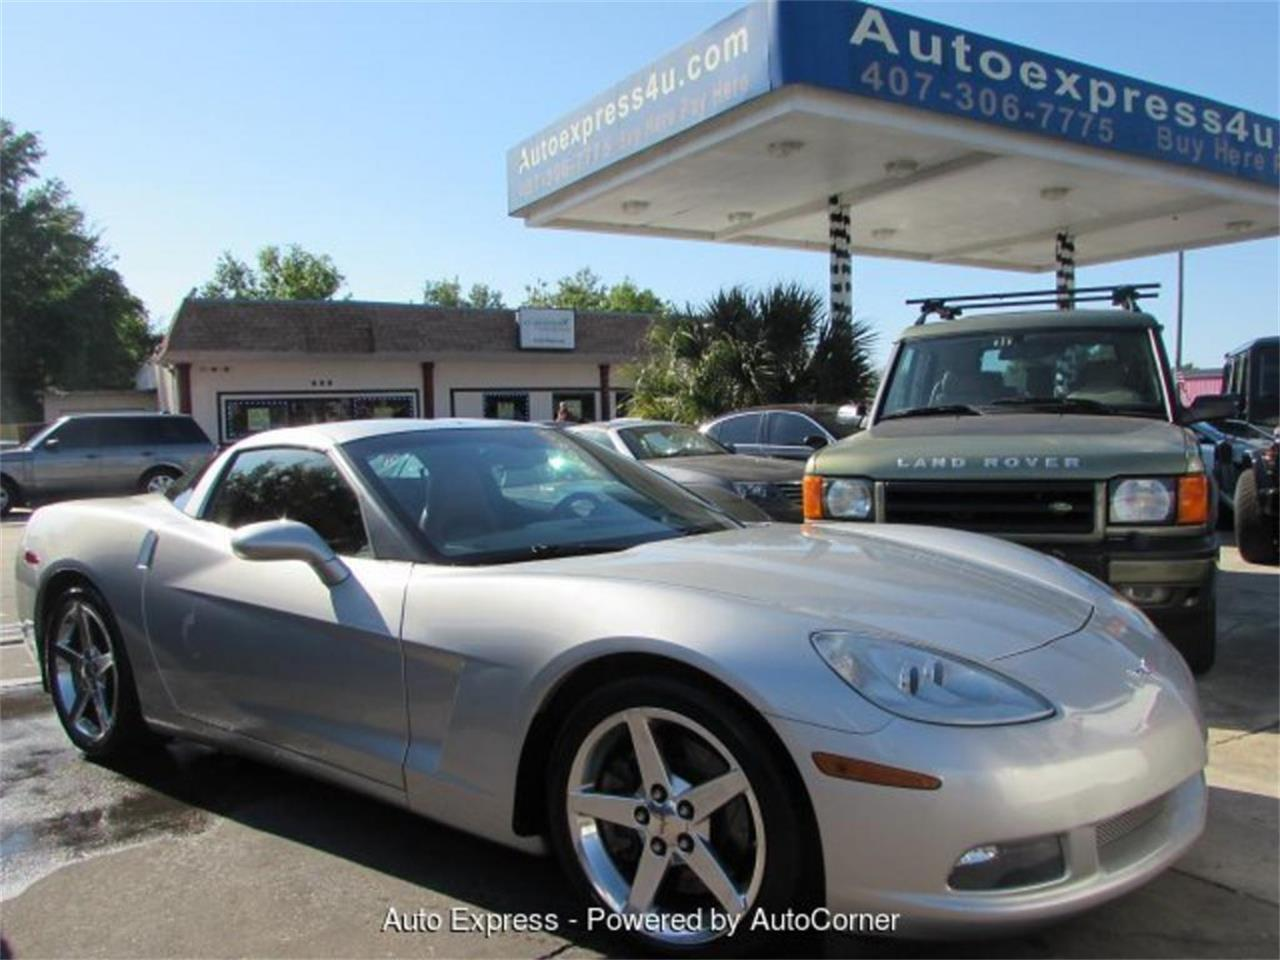 2005 Corvette For Sale >> For Sale 2005 Chevrolet Corvette In Orlando Florida